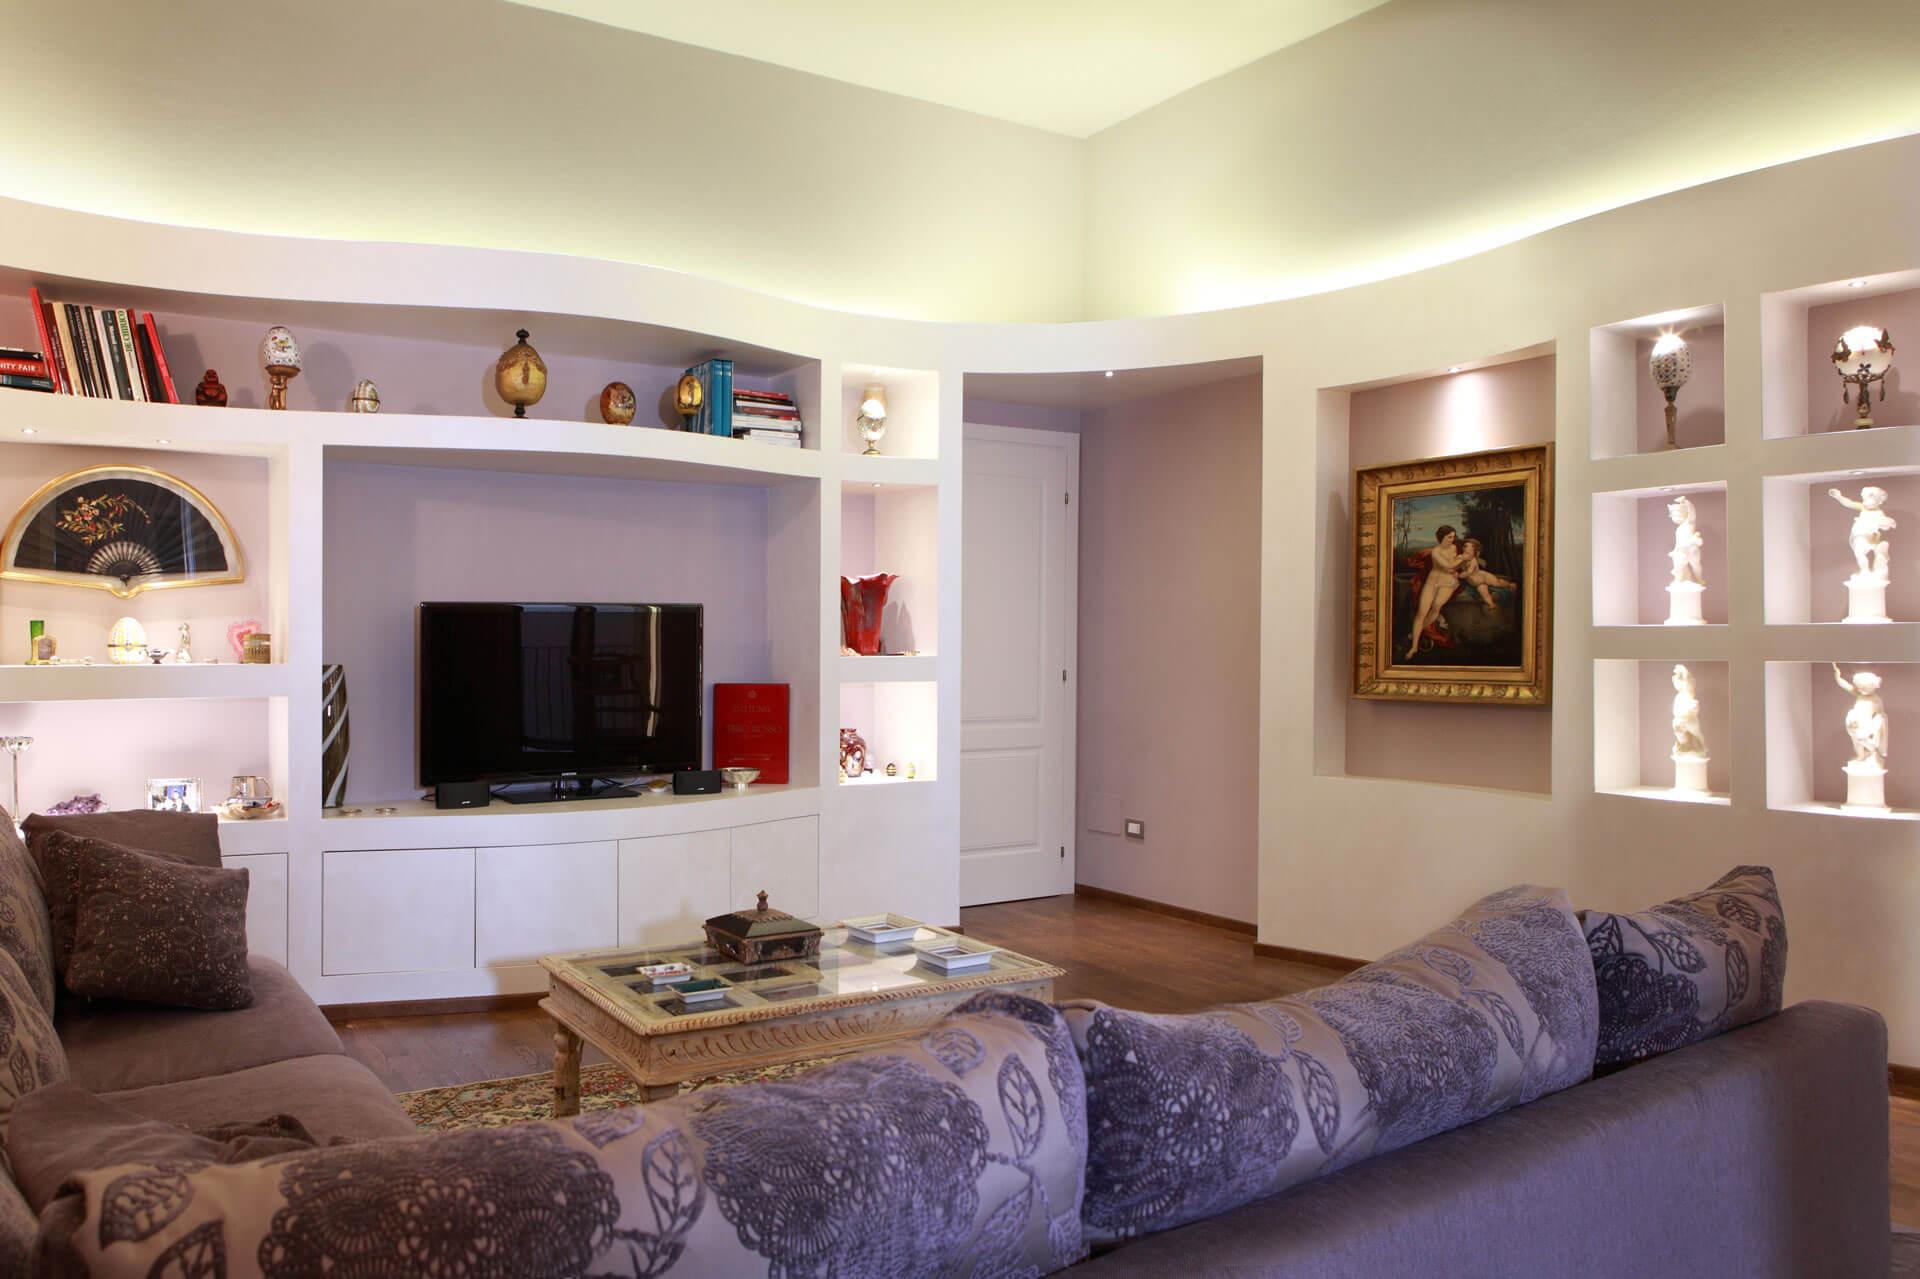 micaela-mazzoni-studio-interior-designer-bologna-progetti-abitativi-gallery-appartamento-via-schiavonia-bologna